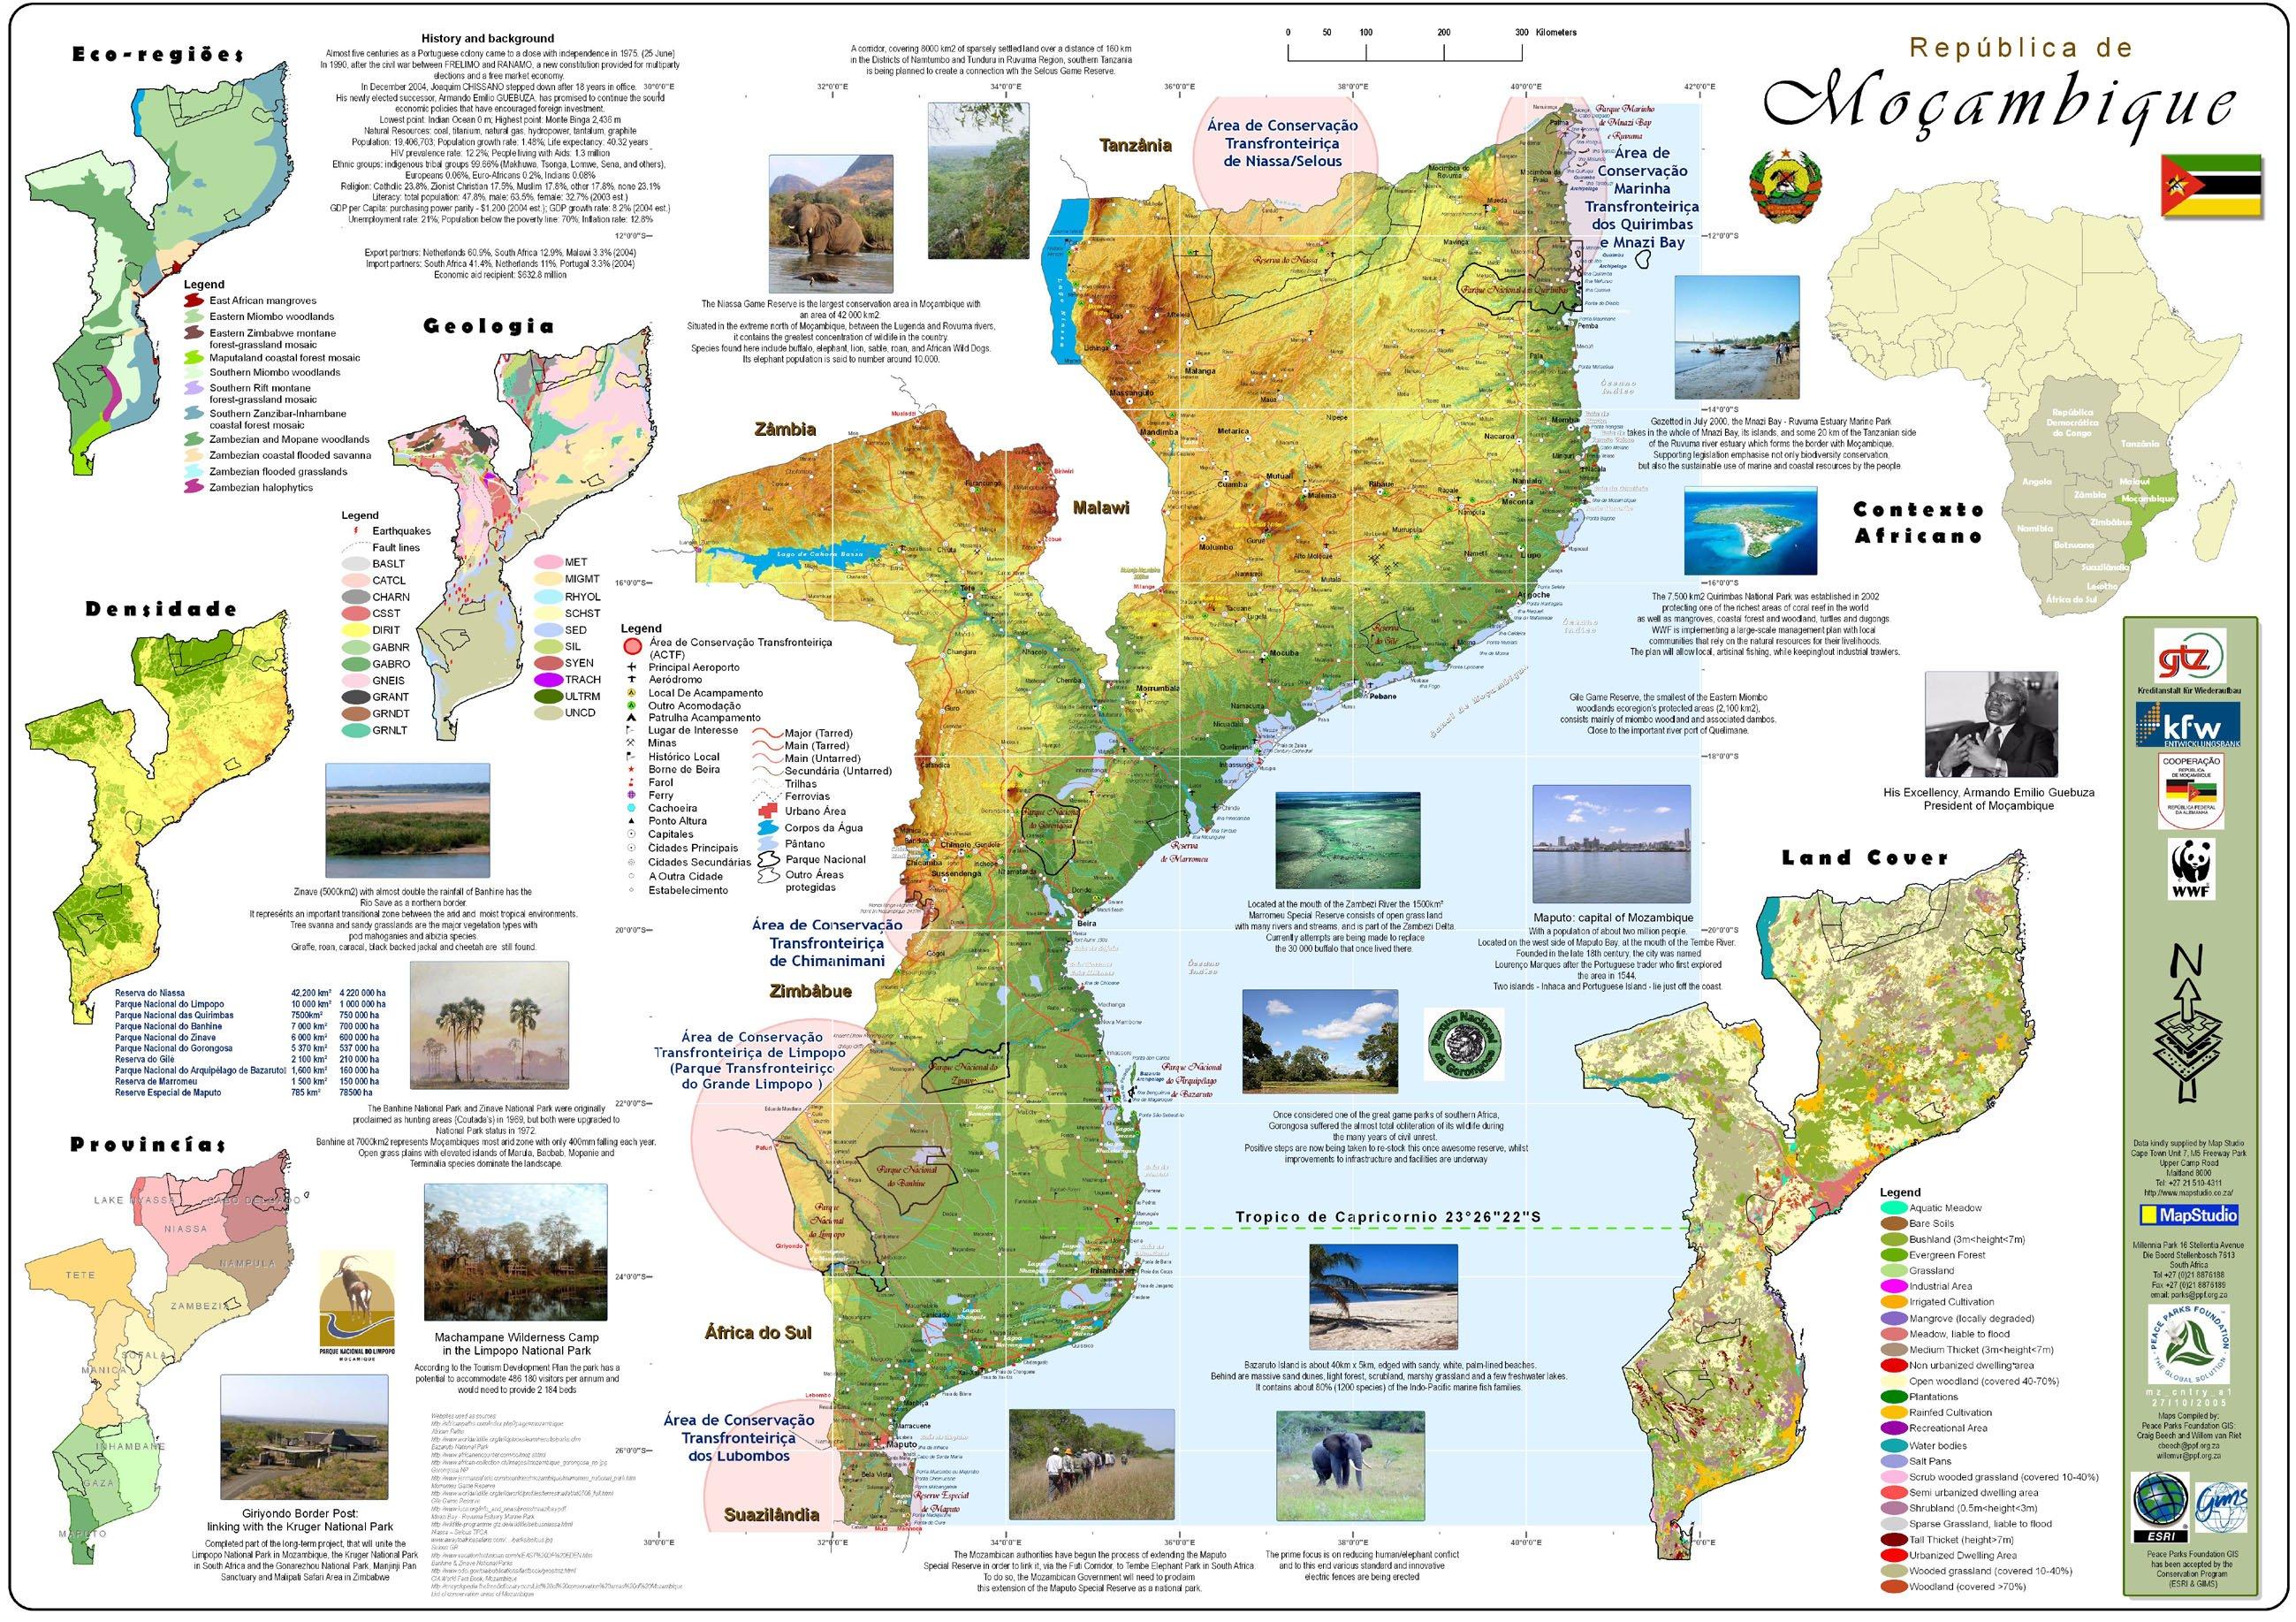 Mozambique-map